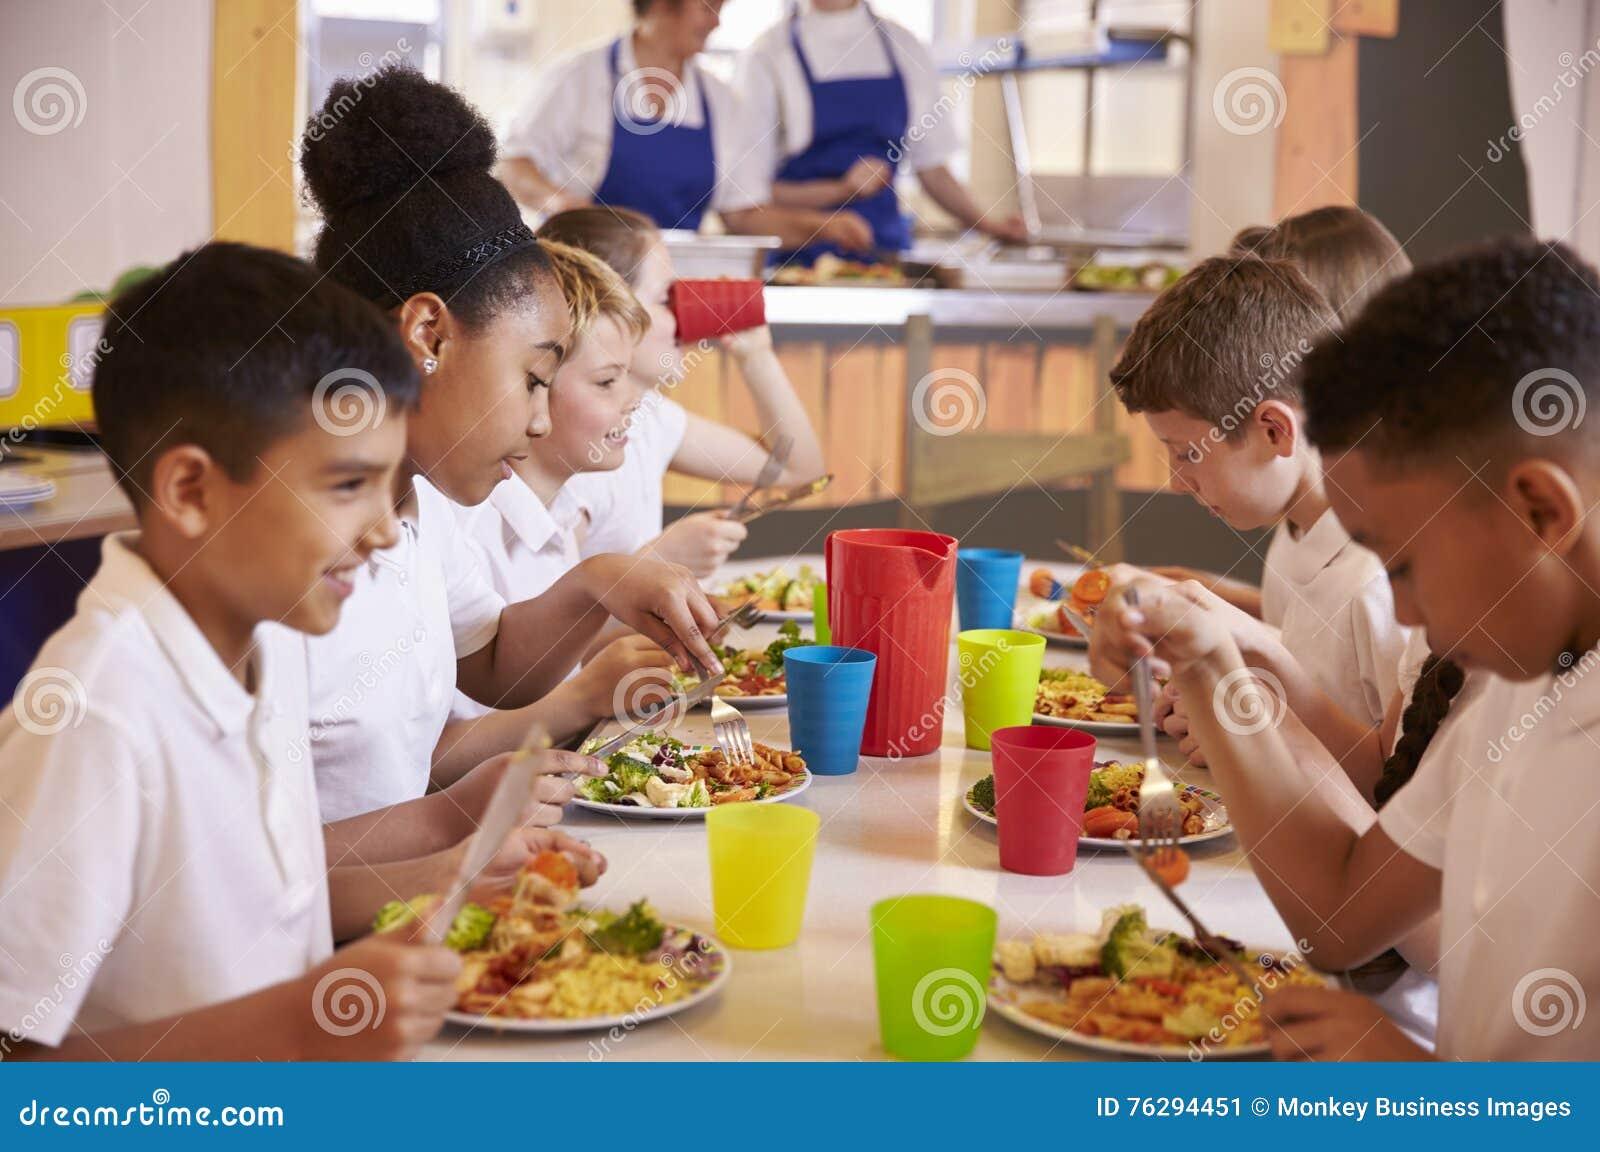 Начальная школа ягнится еда на таблице в школьном кафетерии